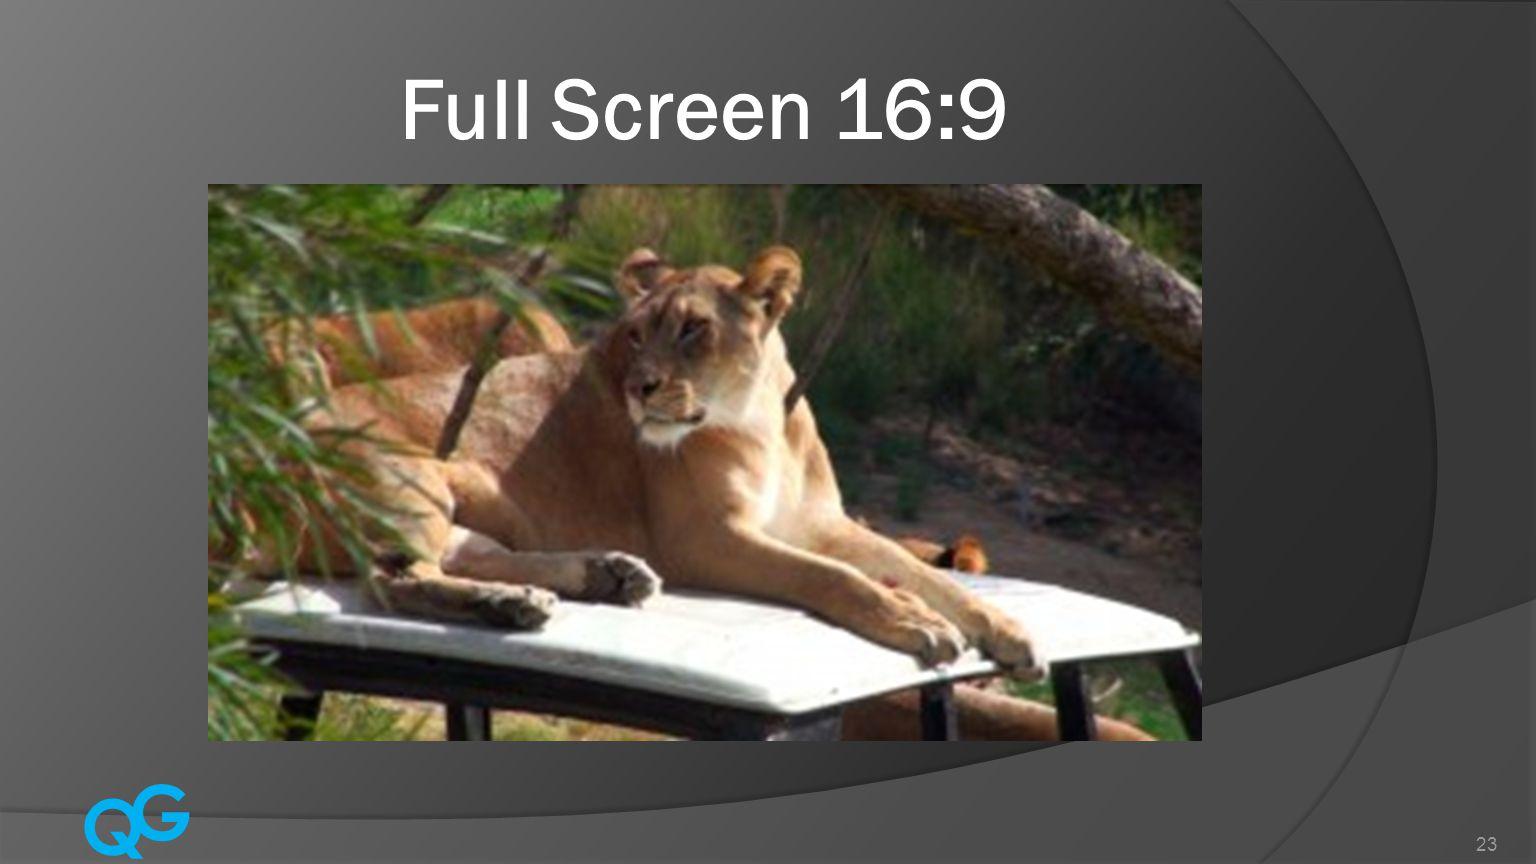 Q G 23 Full Screen 16:9